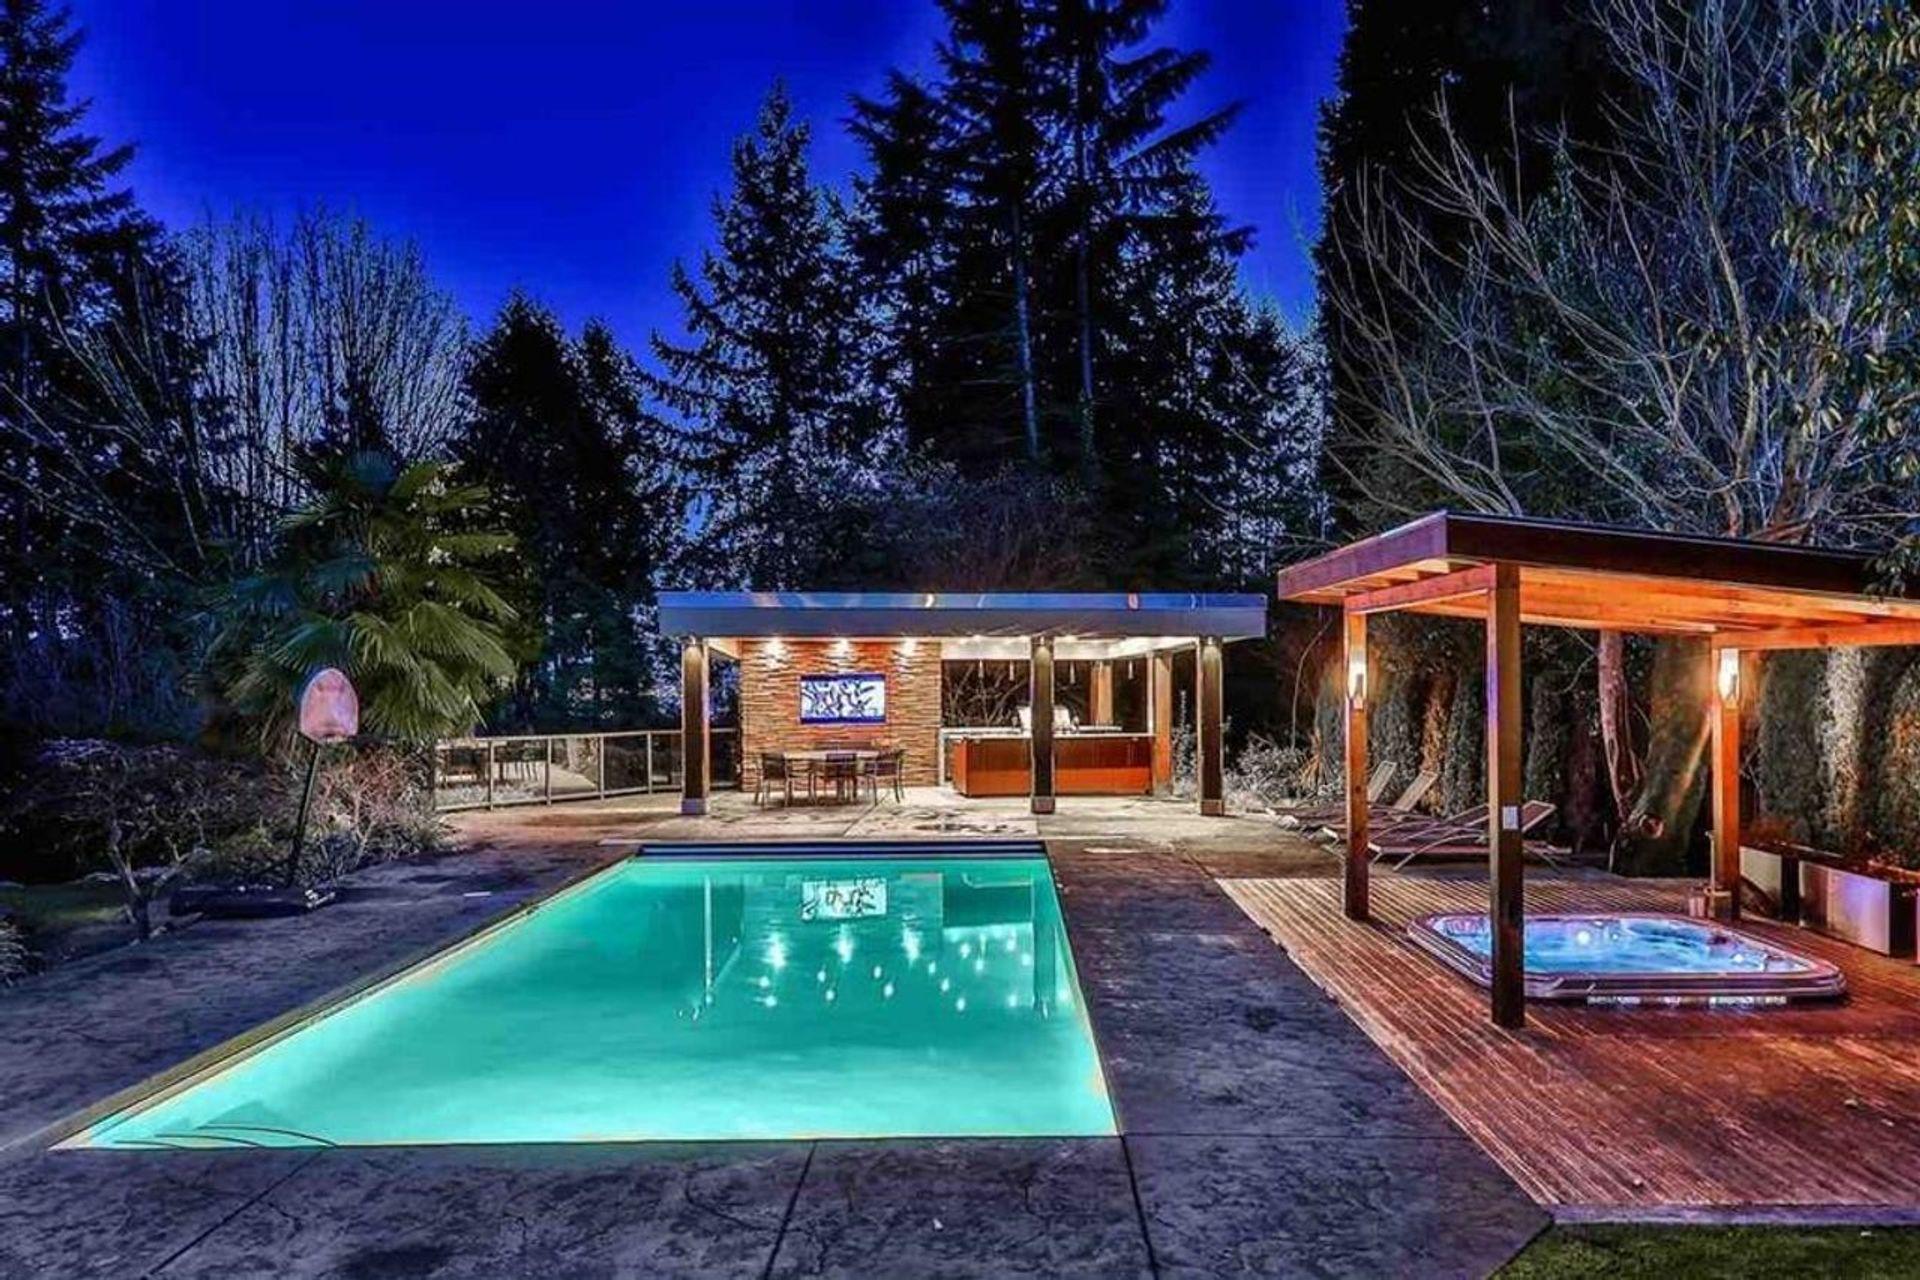 729 Biddesden Place, British Properties, West Vancouver